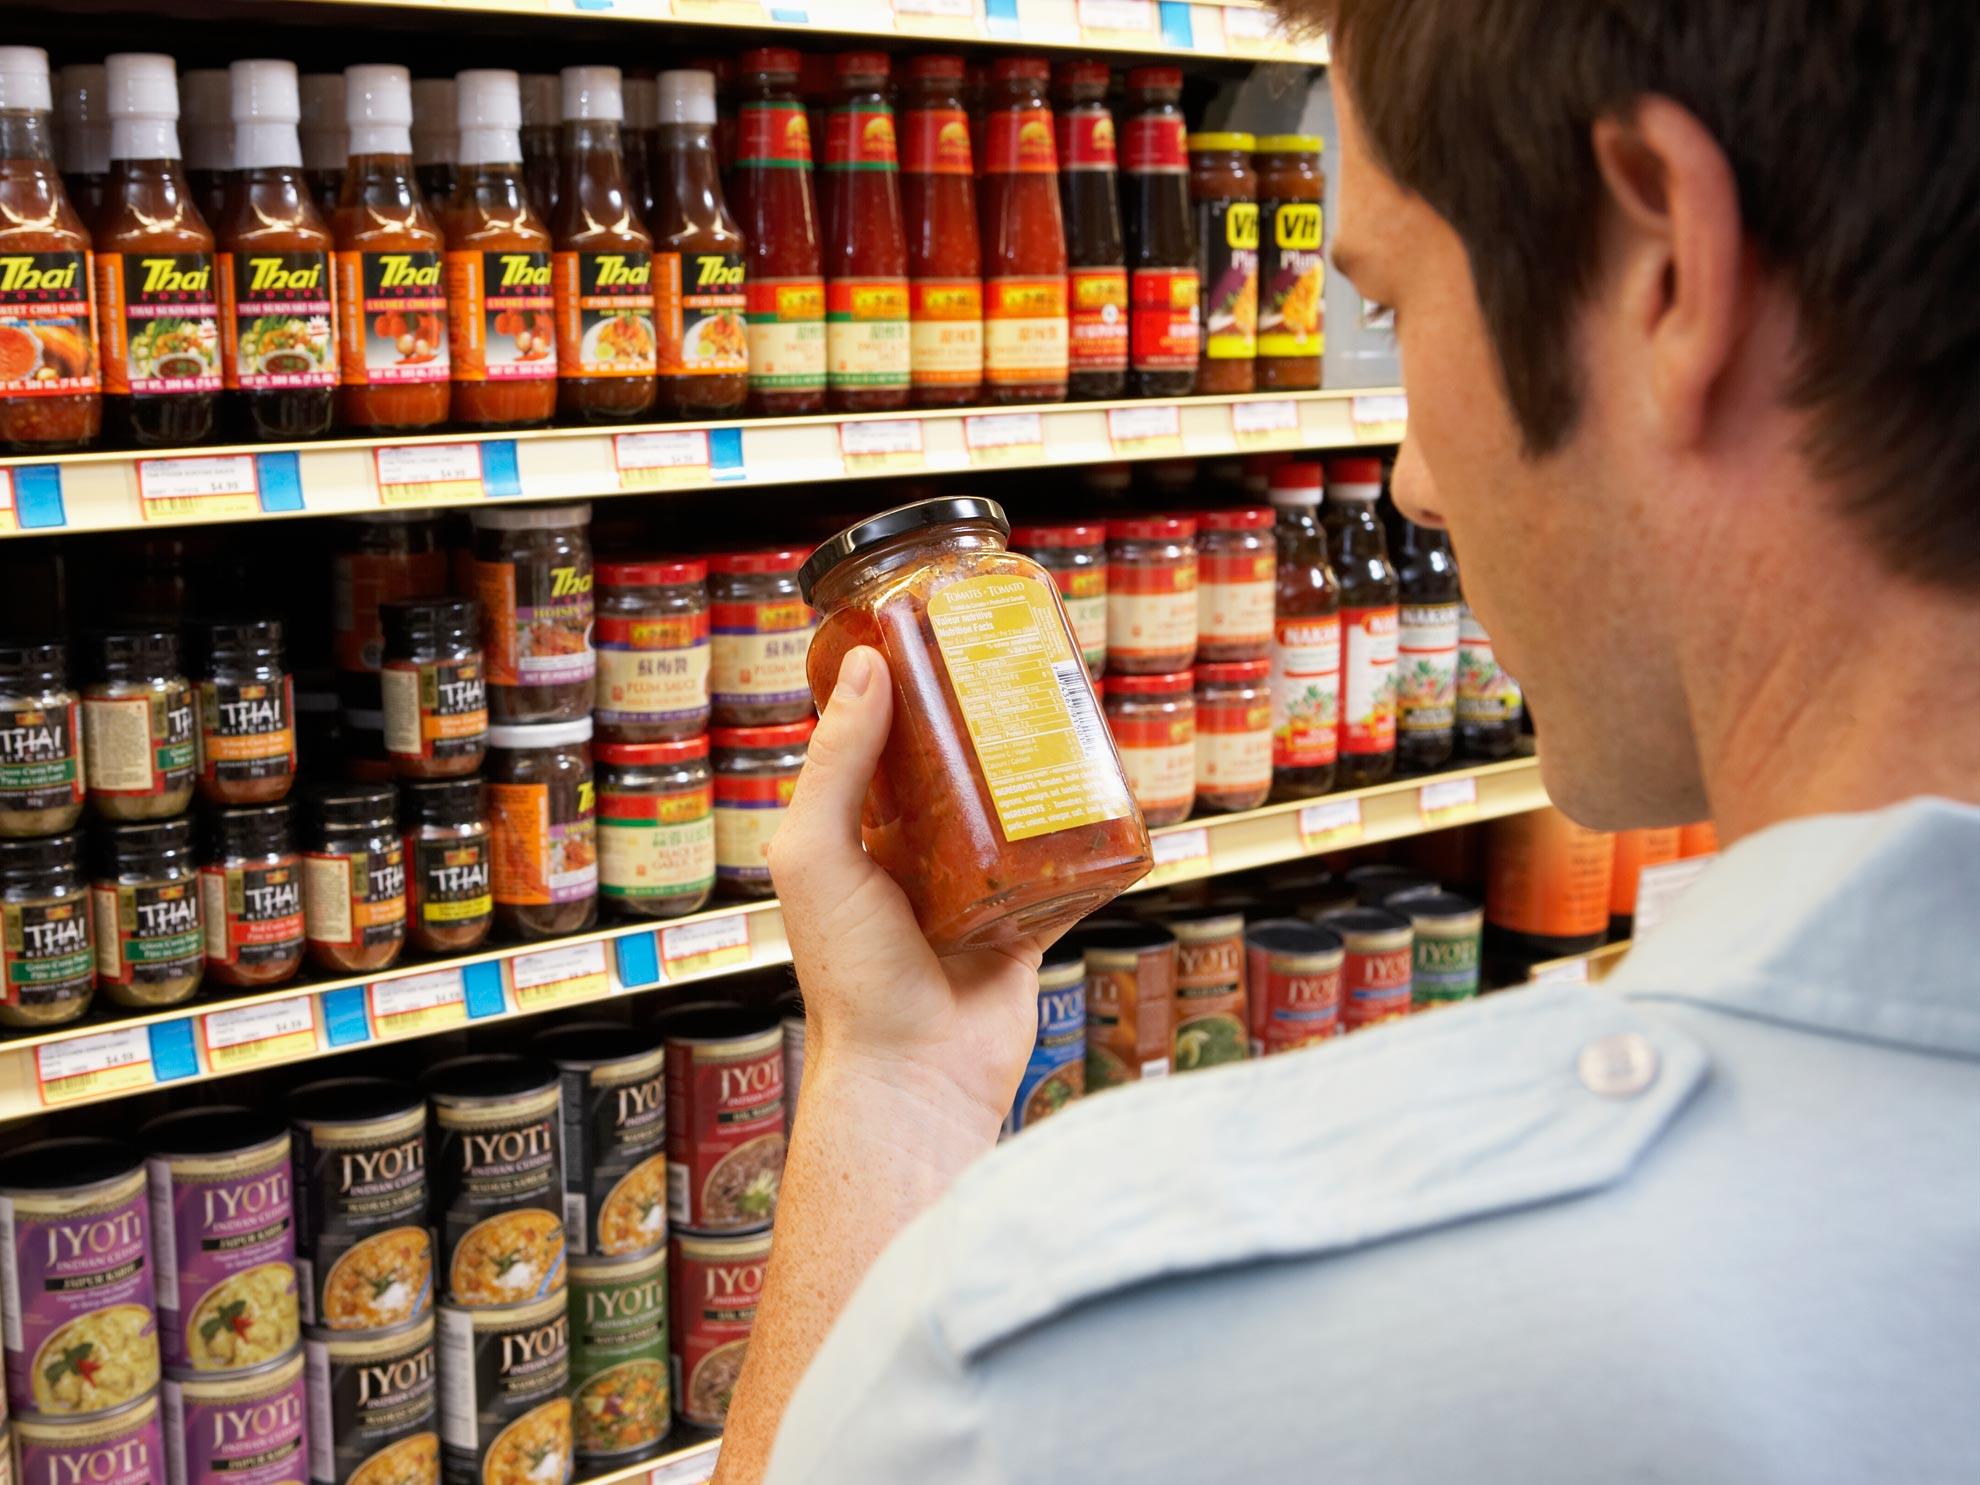 sistemi tracciamento alimenti